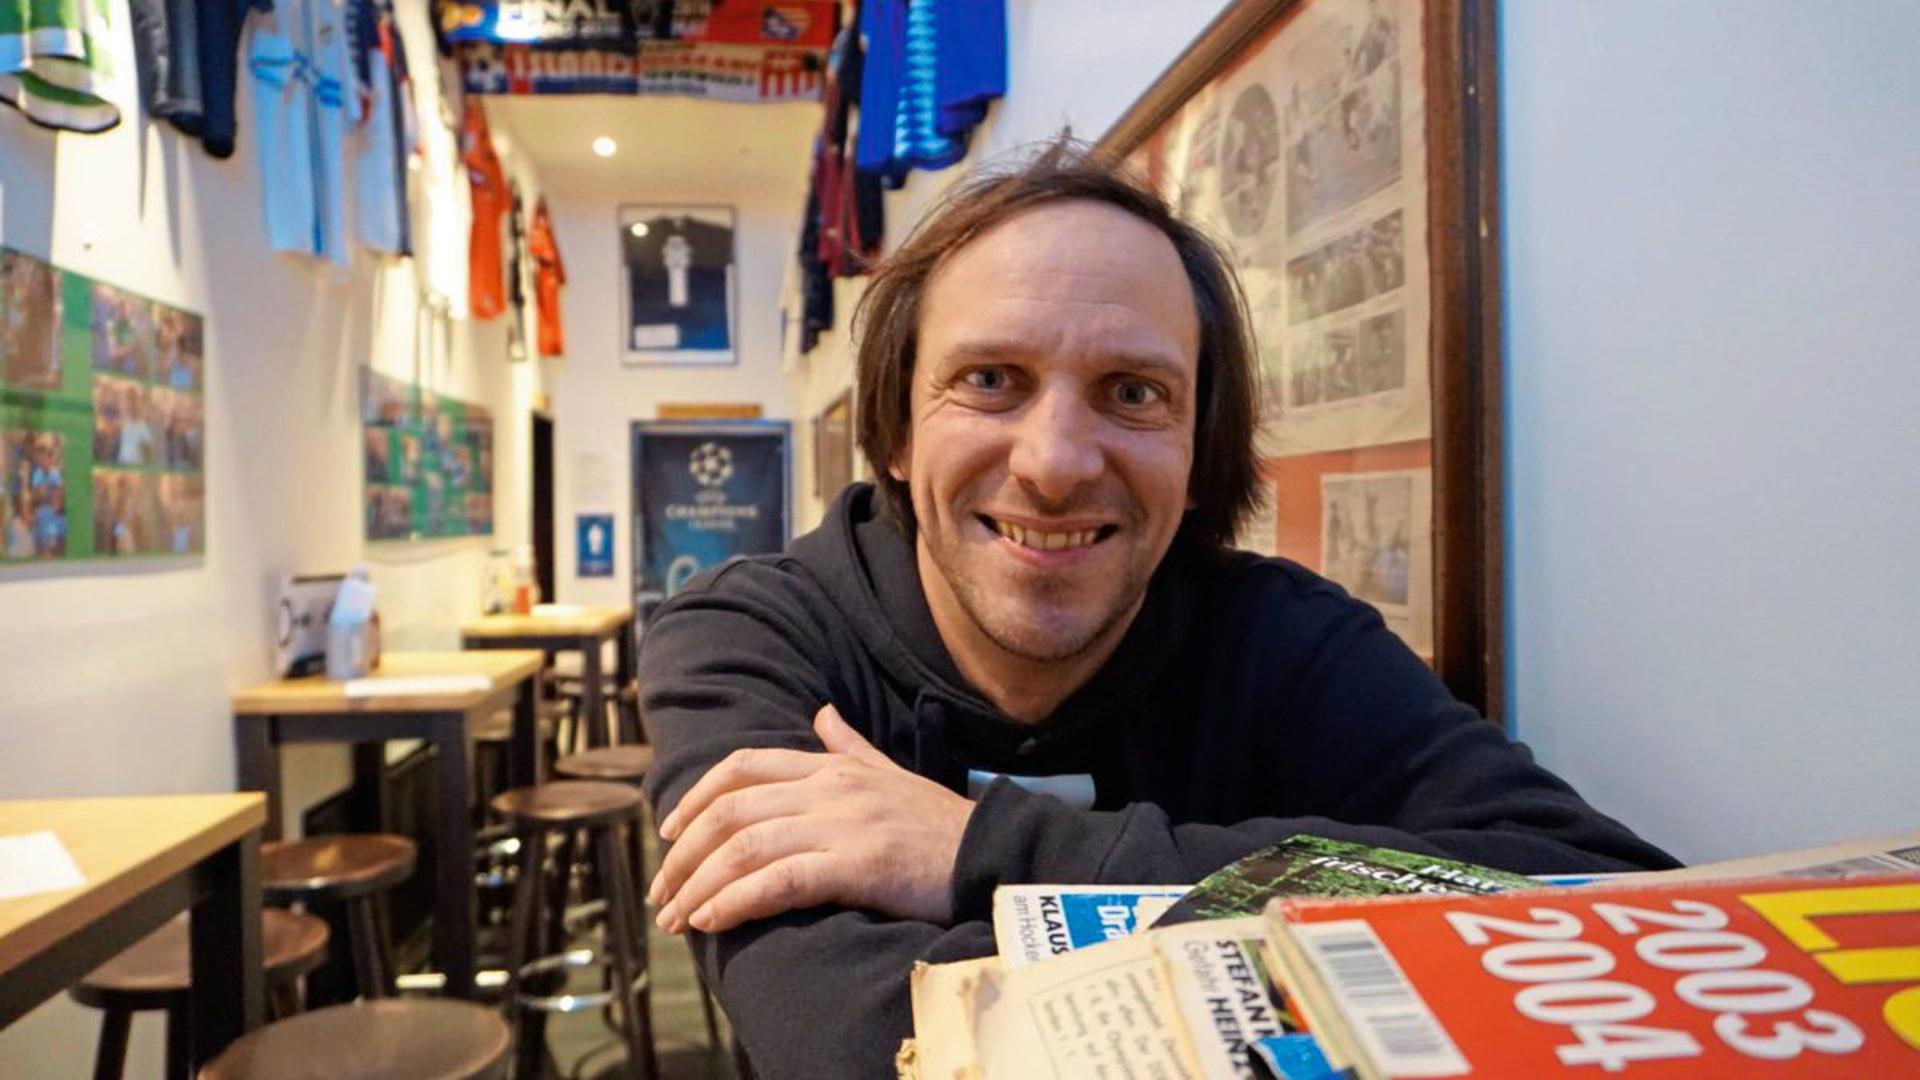 Karlsruher betreibt seit 13 Jahren eine Fußballkneipe in